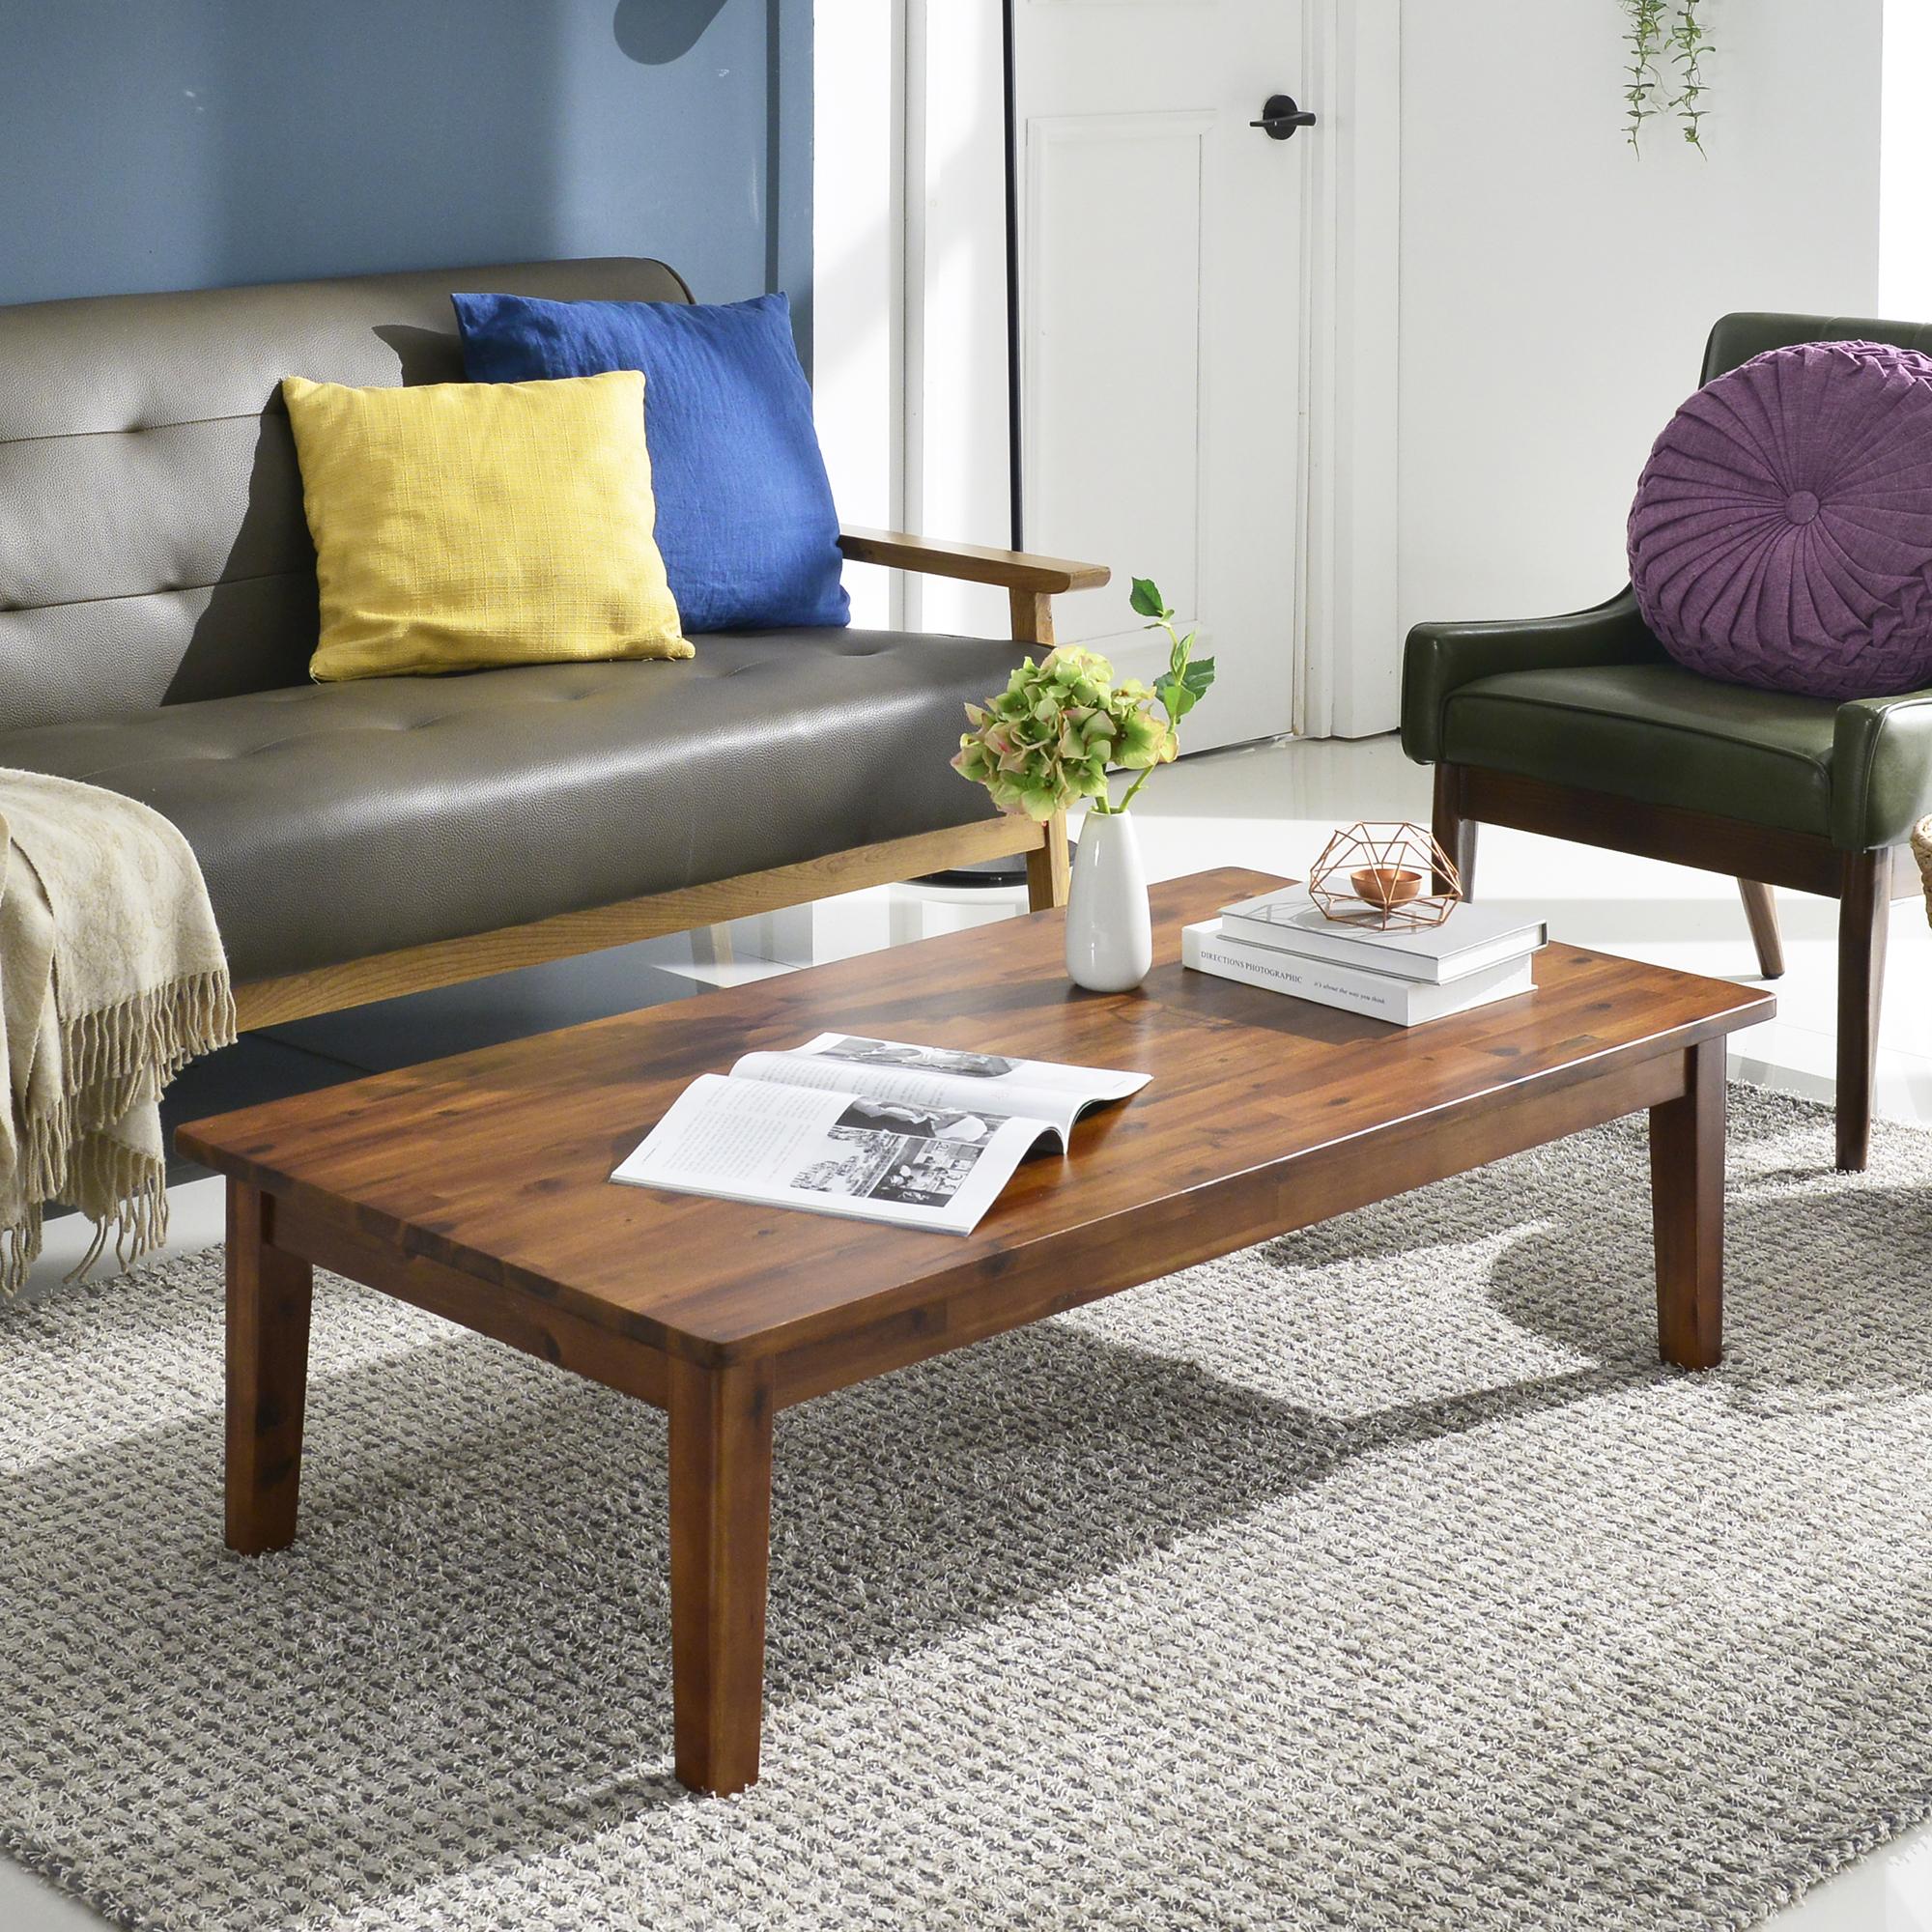 홈페리 아카시아 원목테이블 특대, 단일 색상